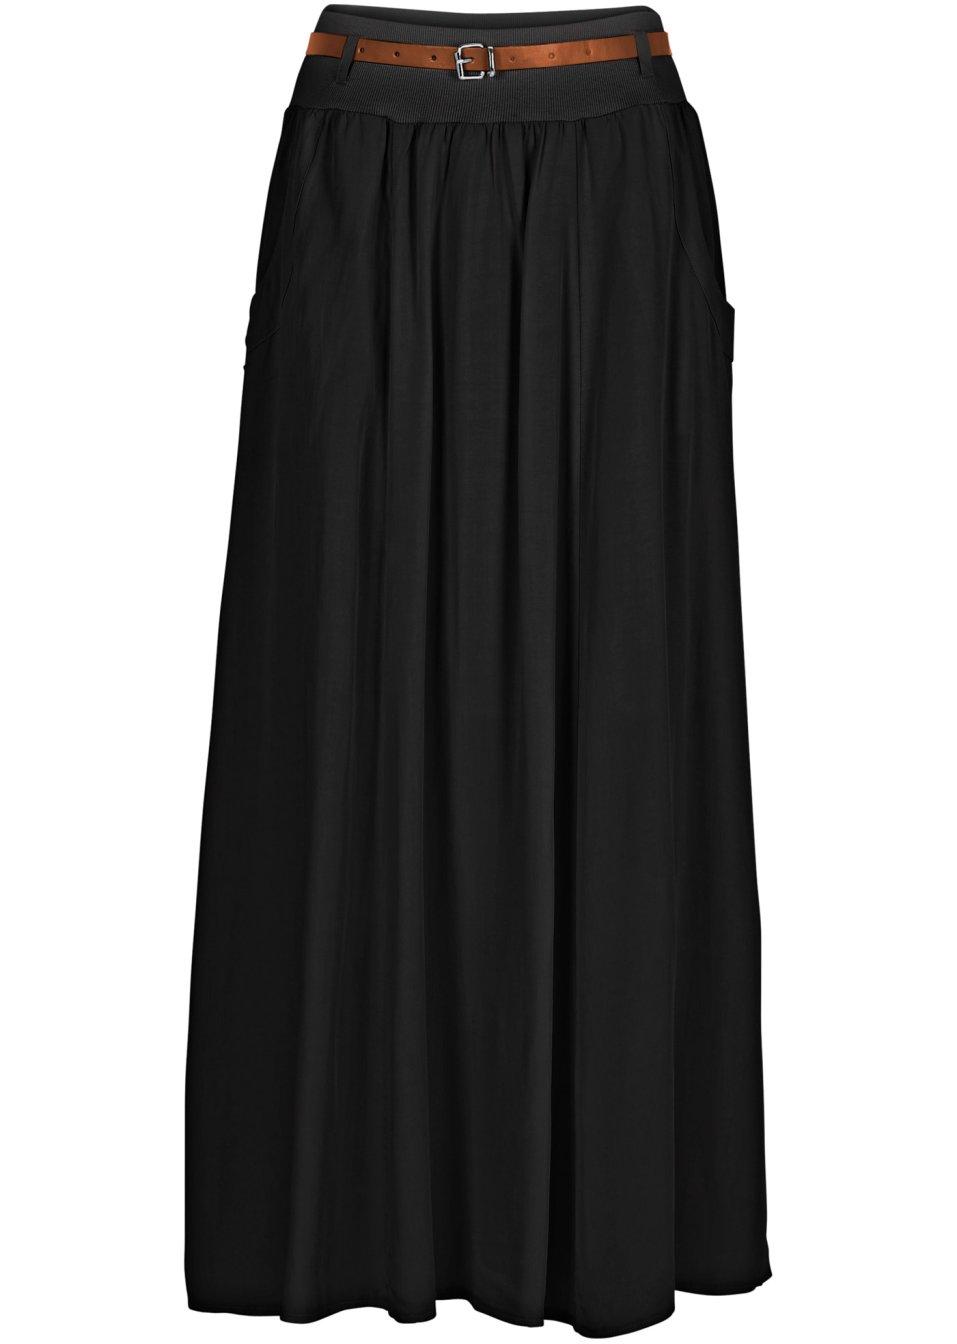 wundersch ner maxirock mit g rtel und eingrifftaschen schwarz. Black Bedroom Furniture Sets. Home Design Ideas